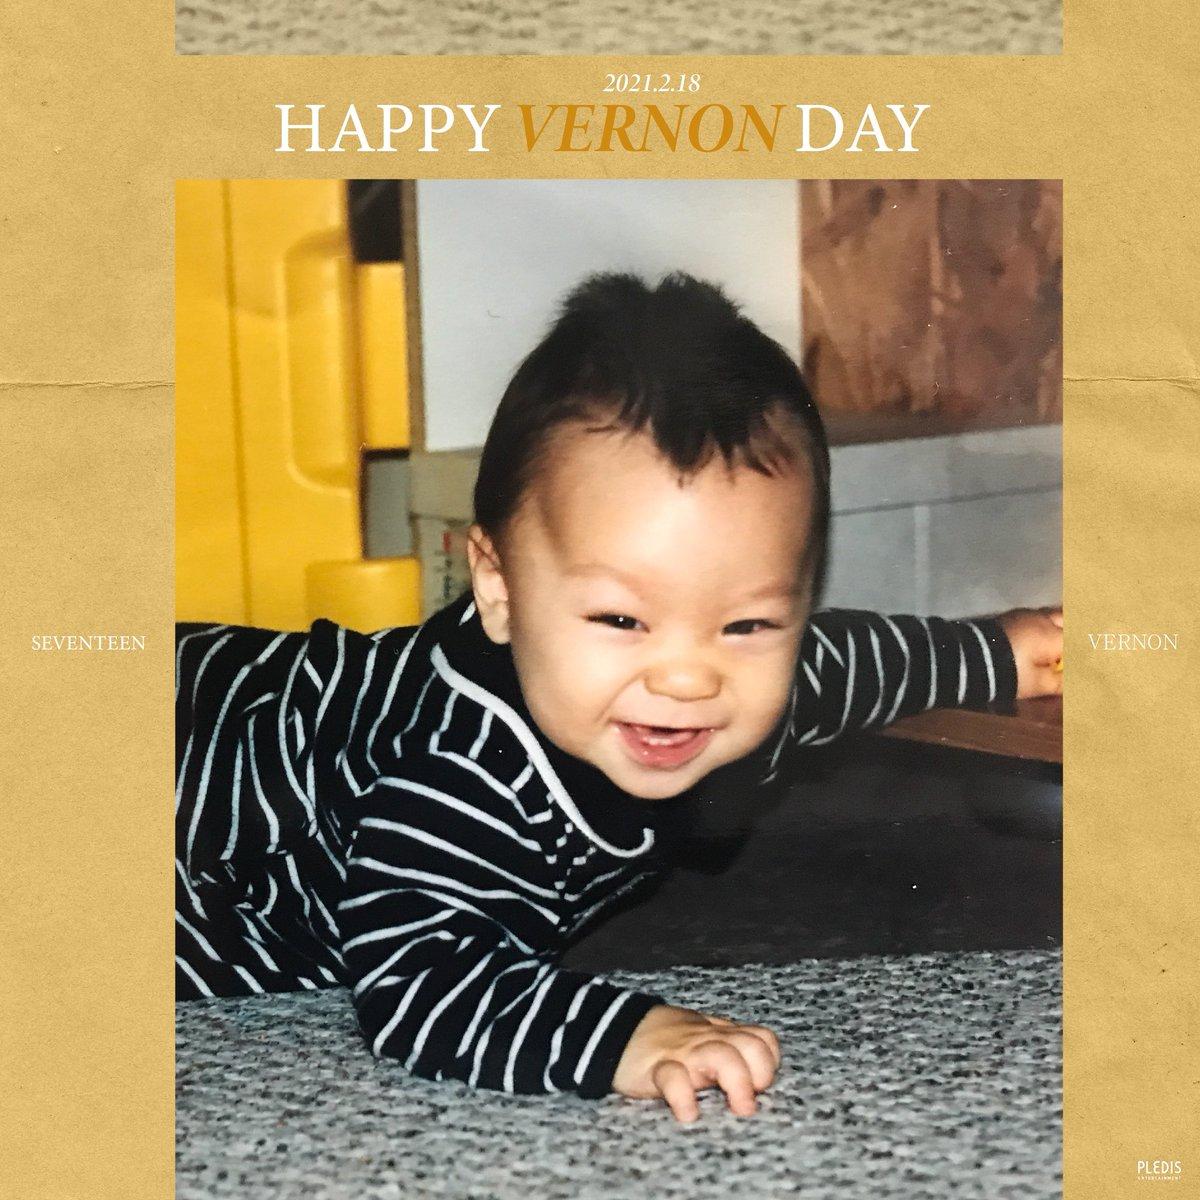 20210218 Happy VERNON's Day🐻❄️  #Happy_VERNON_Day  #버논 #VERNON #세븐틴 #SEVENTEEN